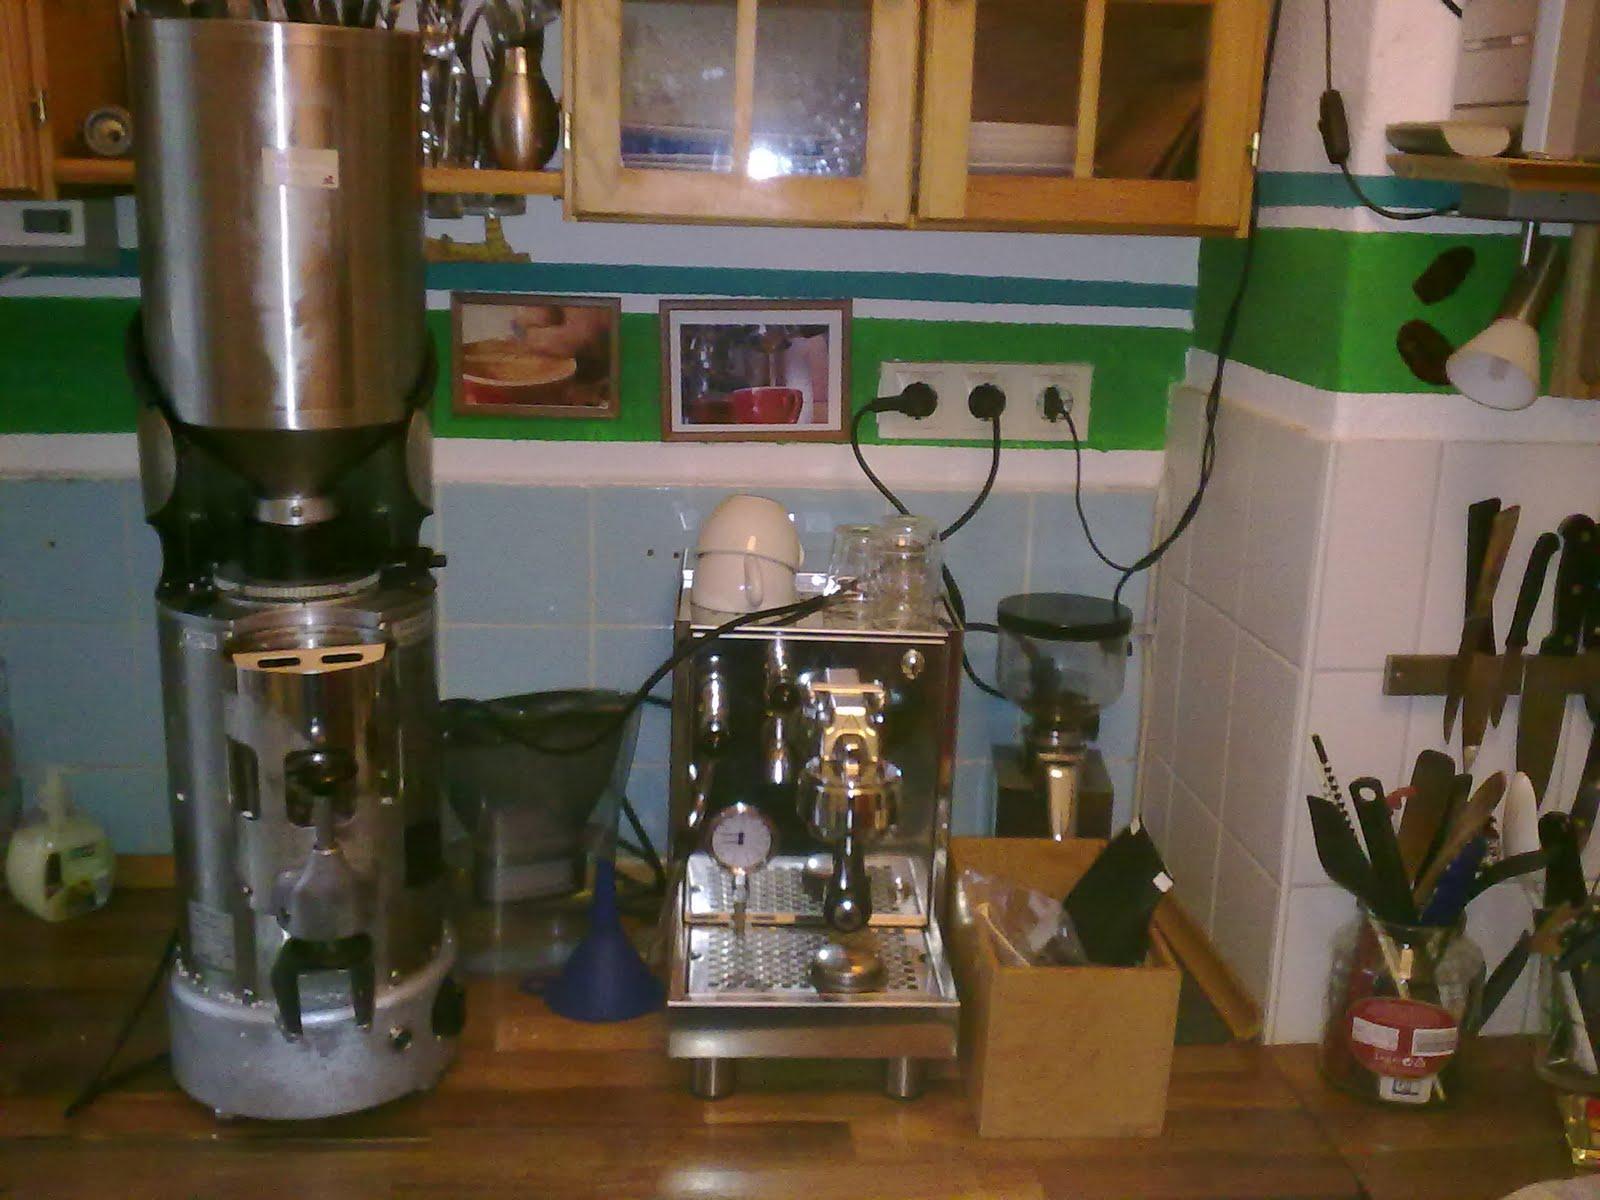 sehr gute m hle wichtiger als kaffee espressomaschine. Black Bedroom Furniture Sets. Home Design Ideas